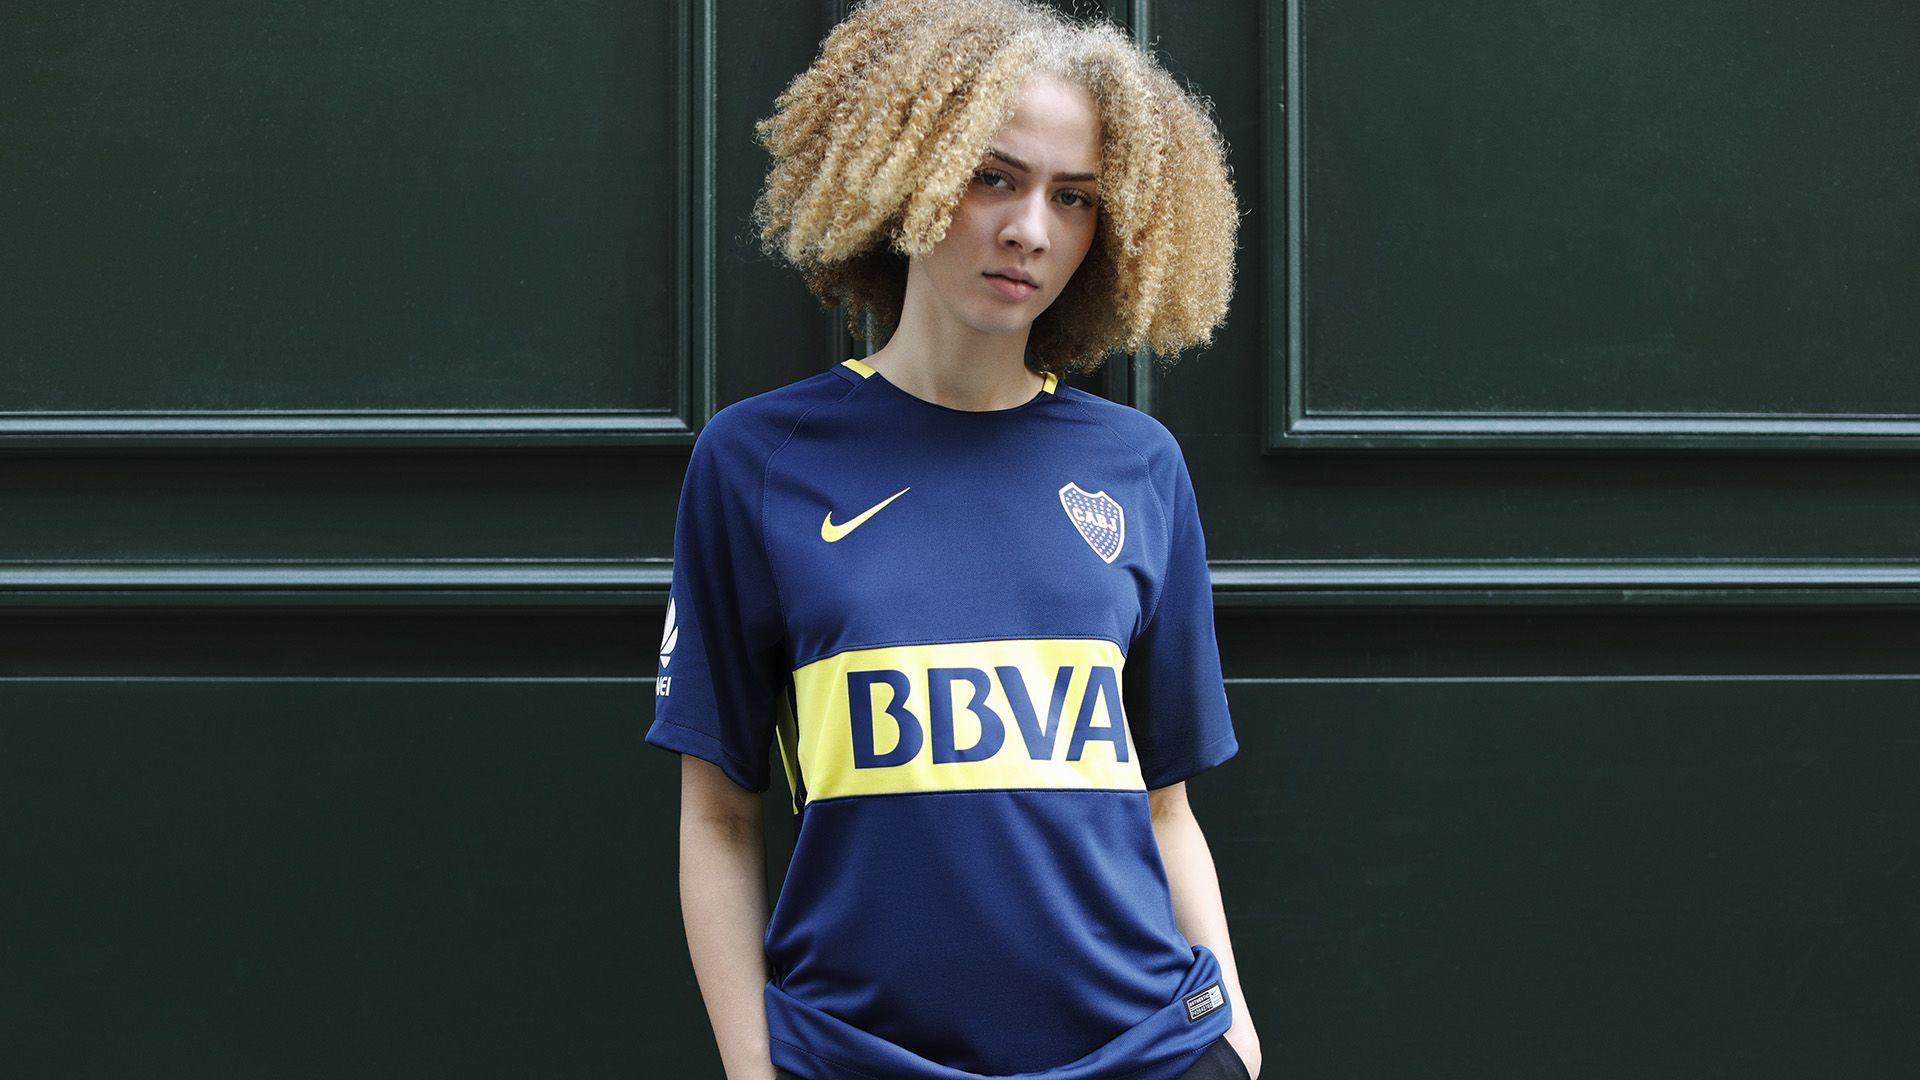 promo code 61e1b 286e1 Boca Juniors 2017/18 Home Kit. Nike.com